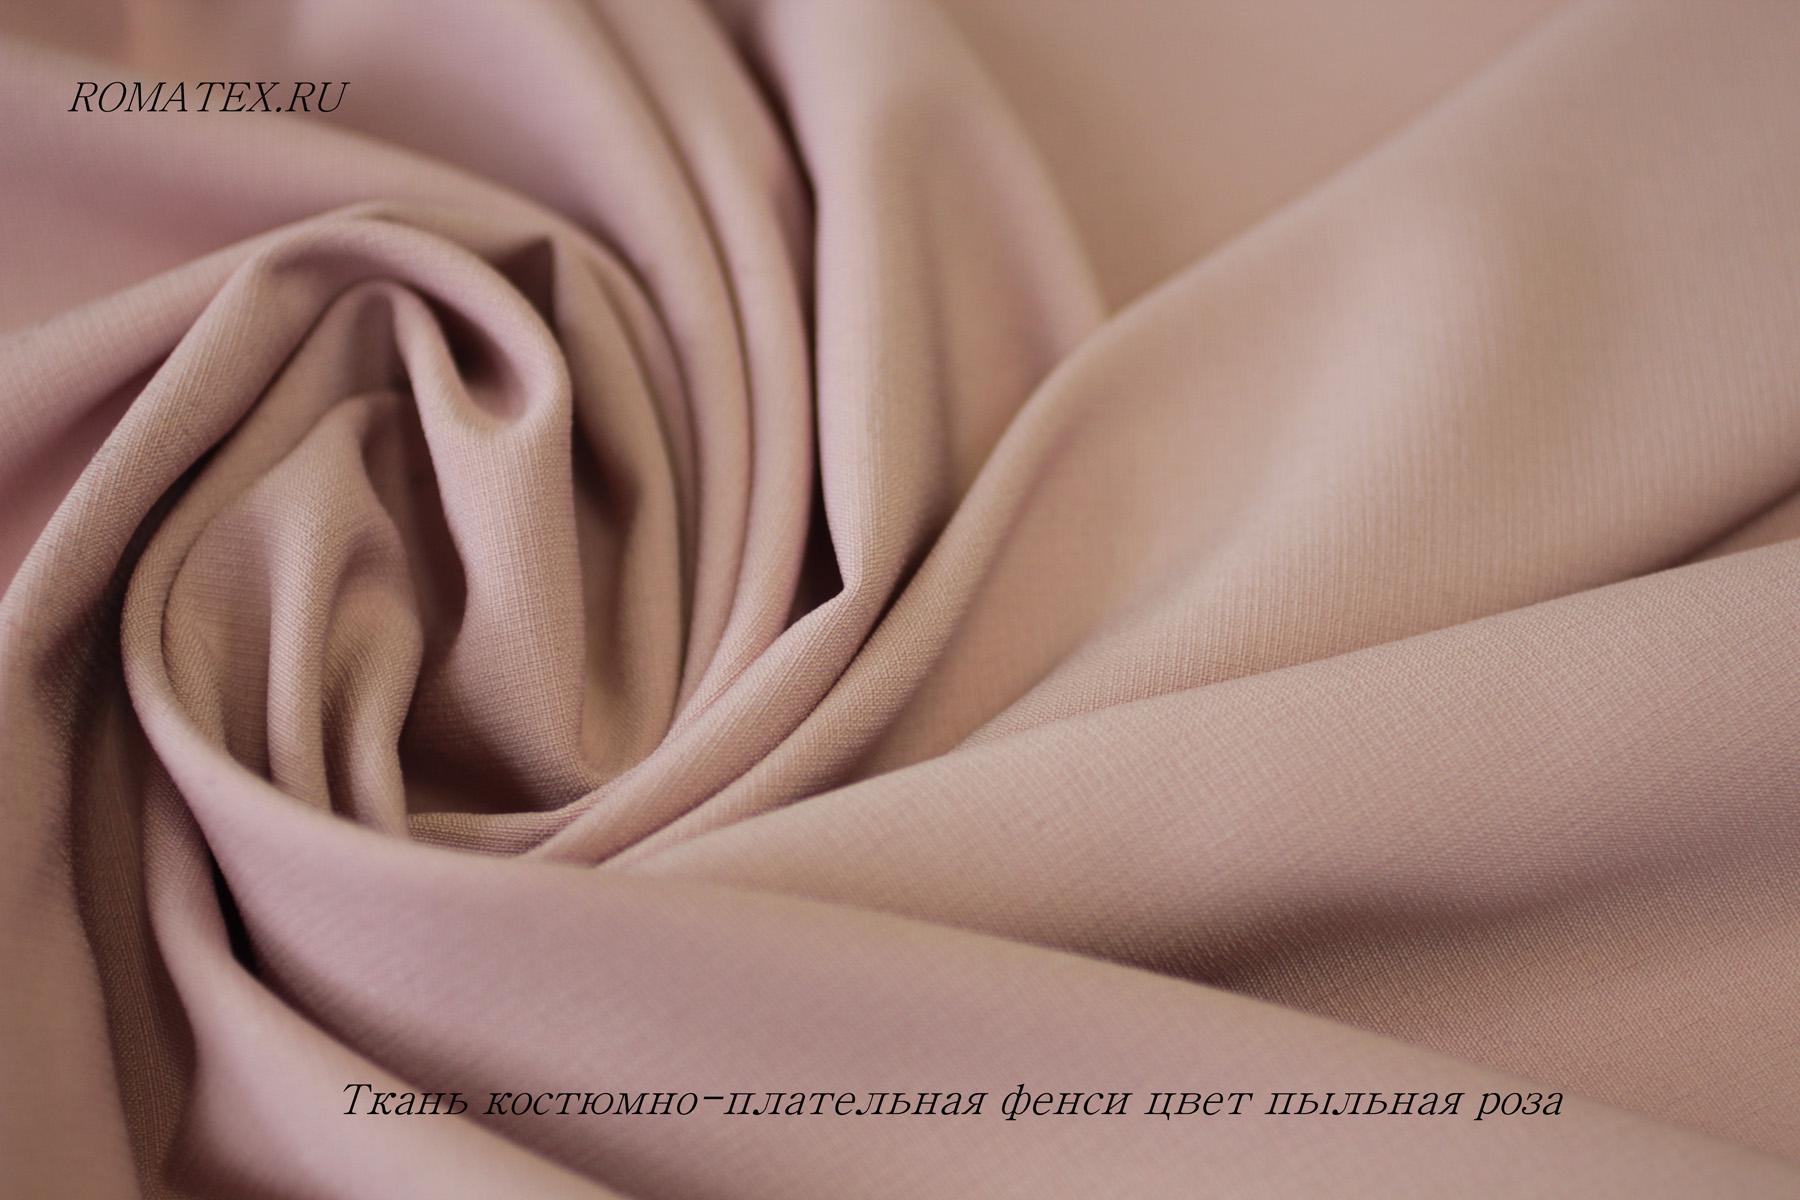 Костюмно-плательная фенси цвет пыльная роза